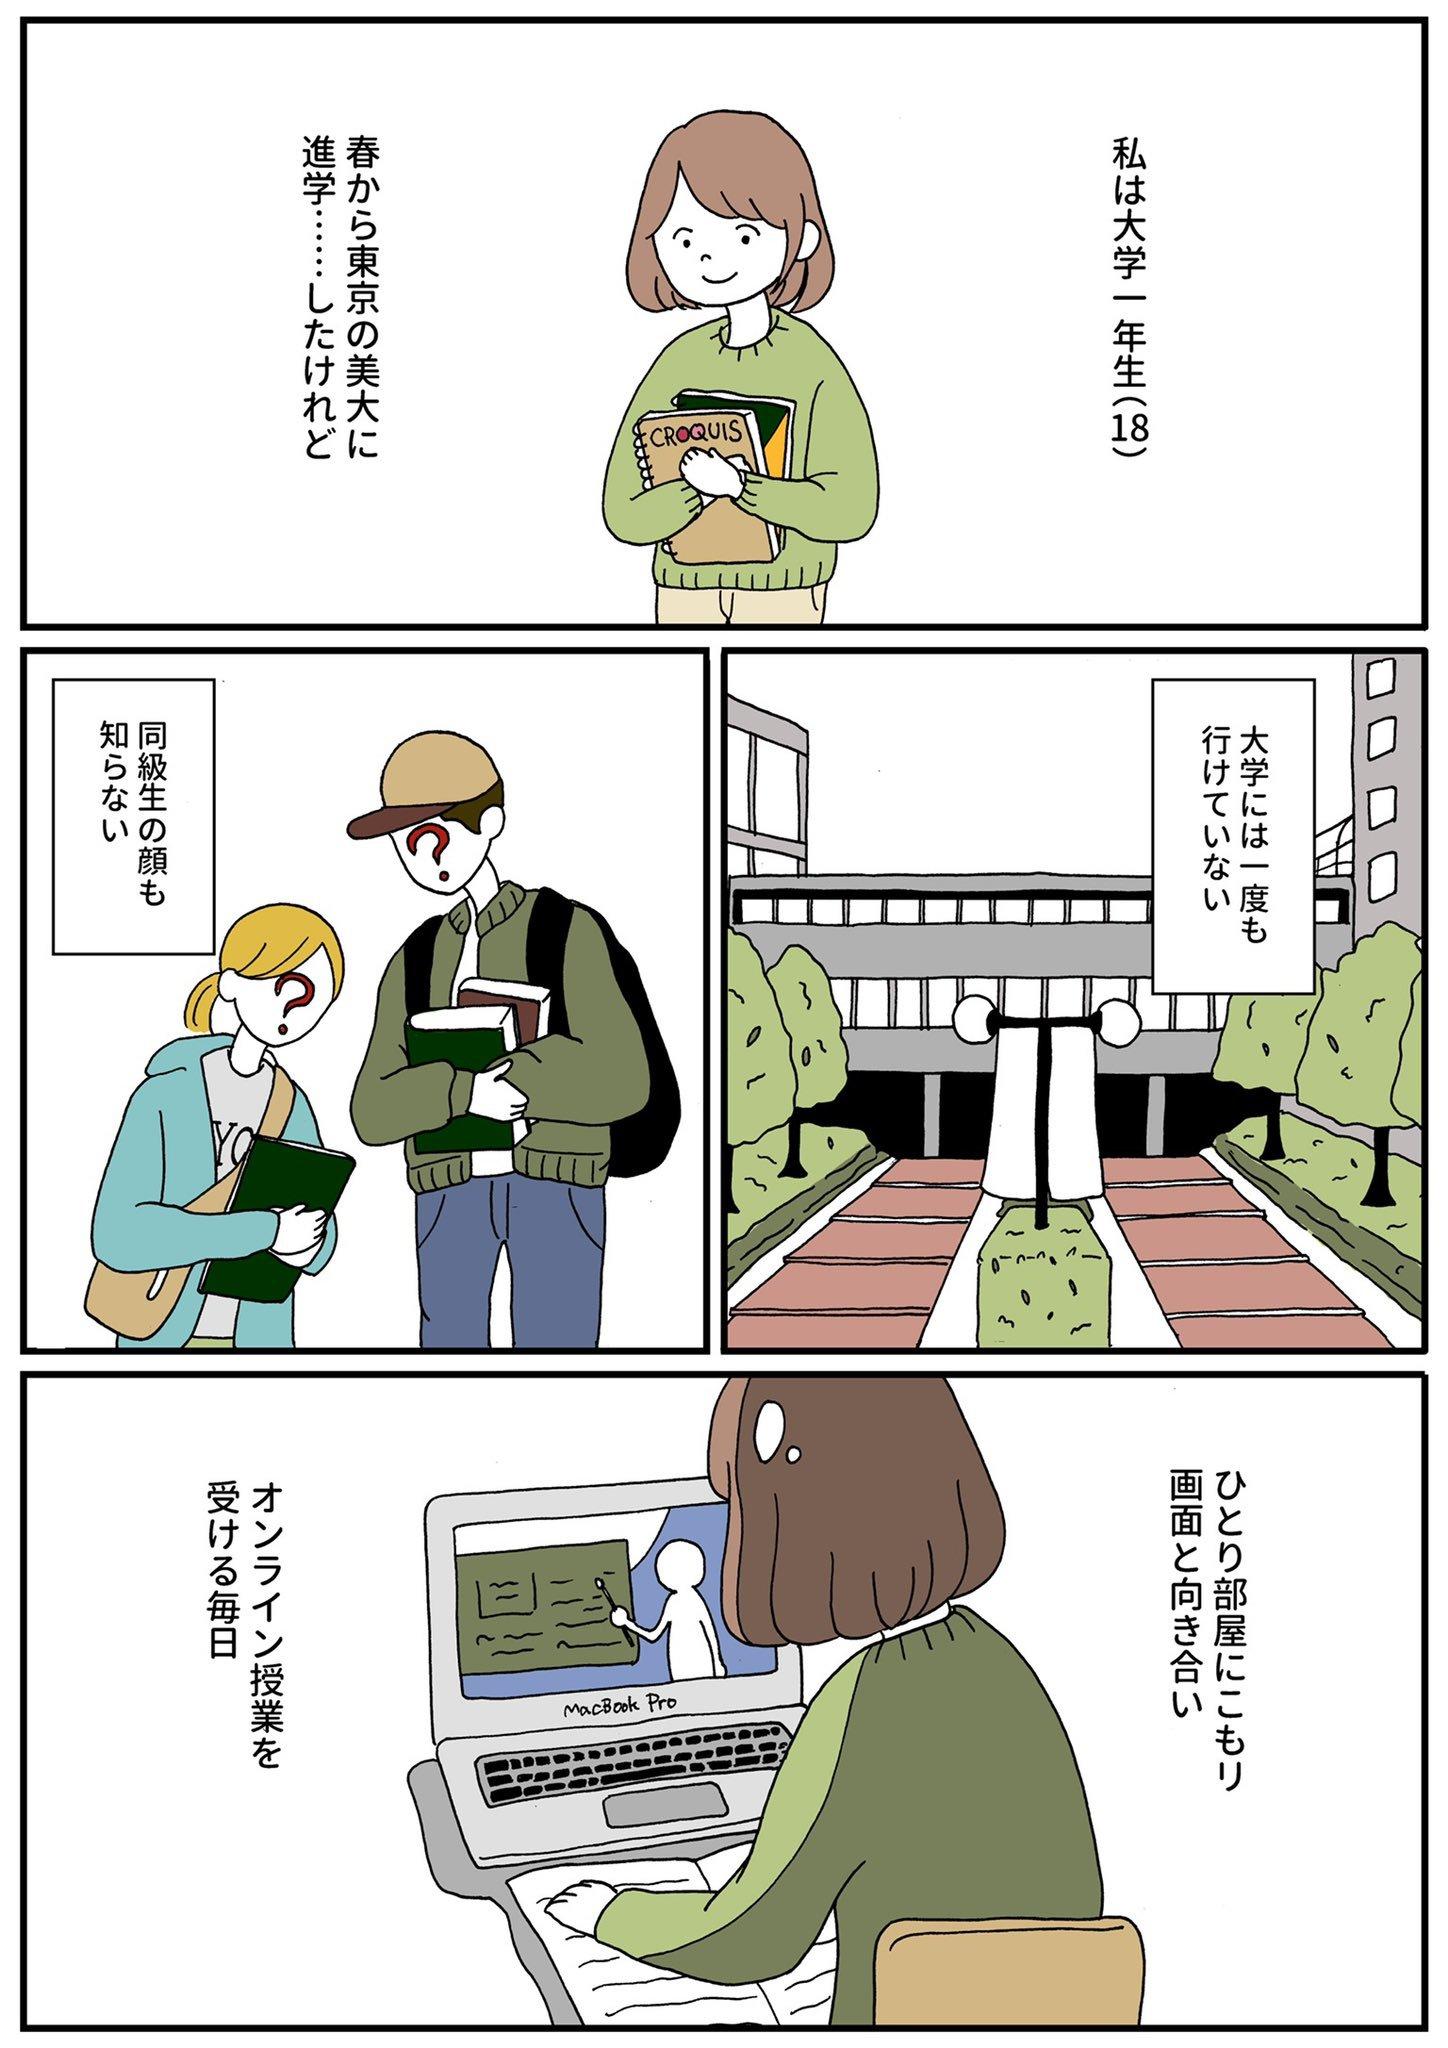 l_ik1609511_daigaku001_w590